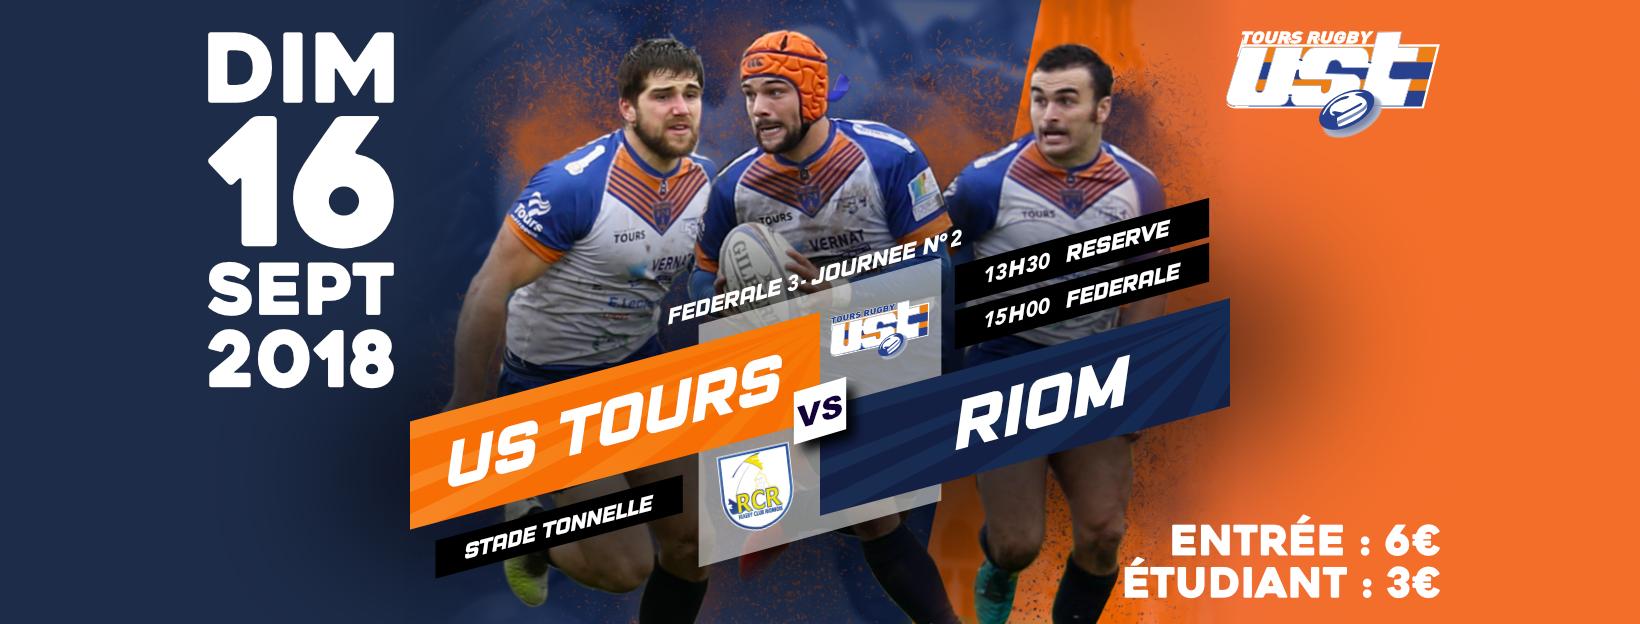 Match US Tours vs Riom & Soirée Blanche